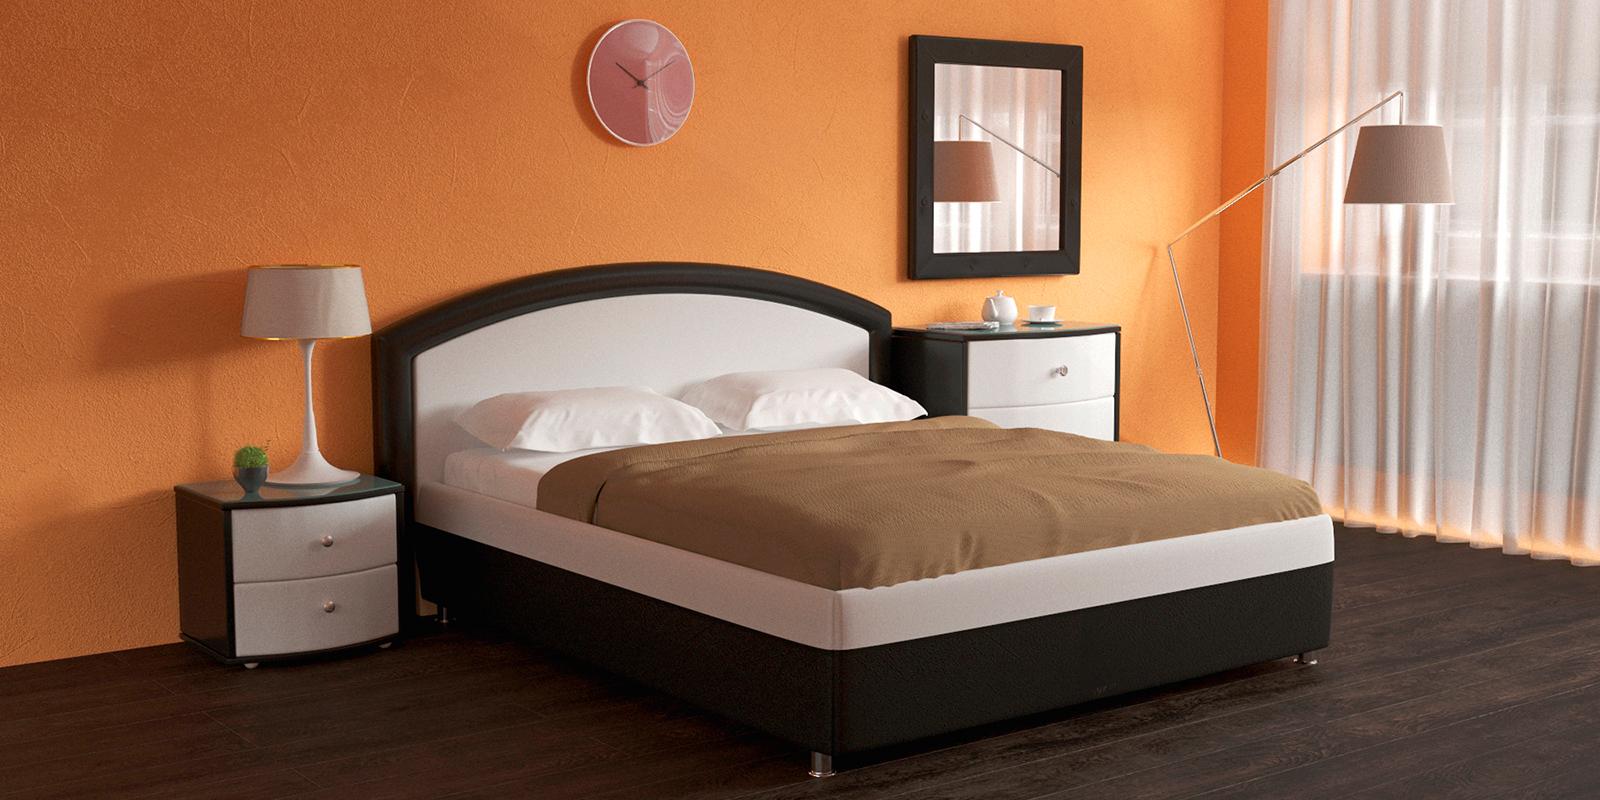 Мягкая кровать 200х160 Малибу вариант №8 с ортопедическим основанием (Белый/Шоколад)